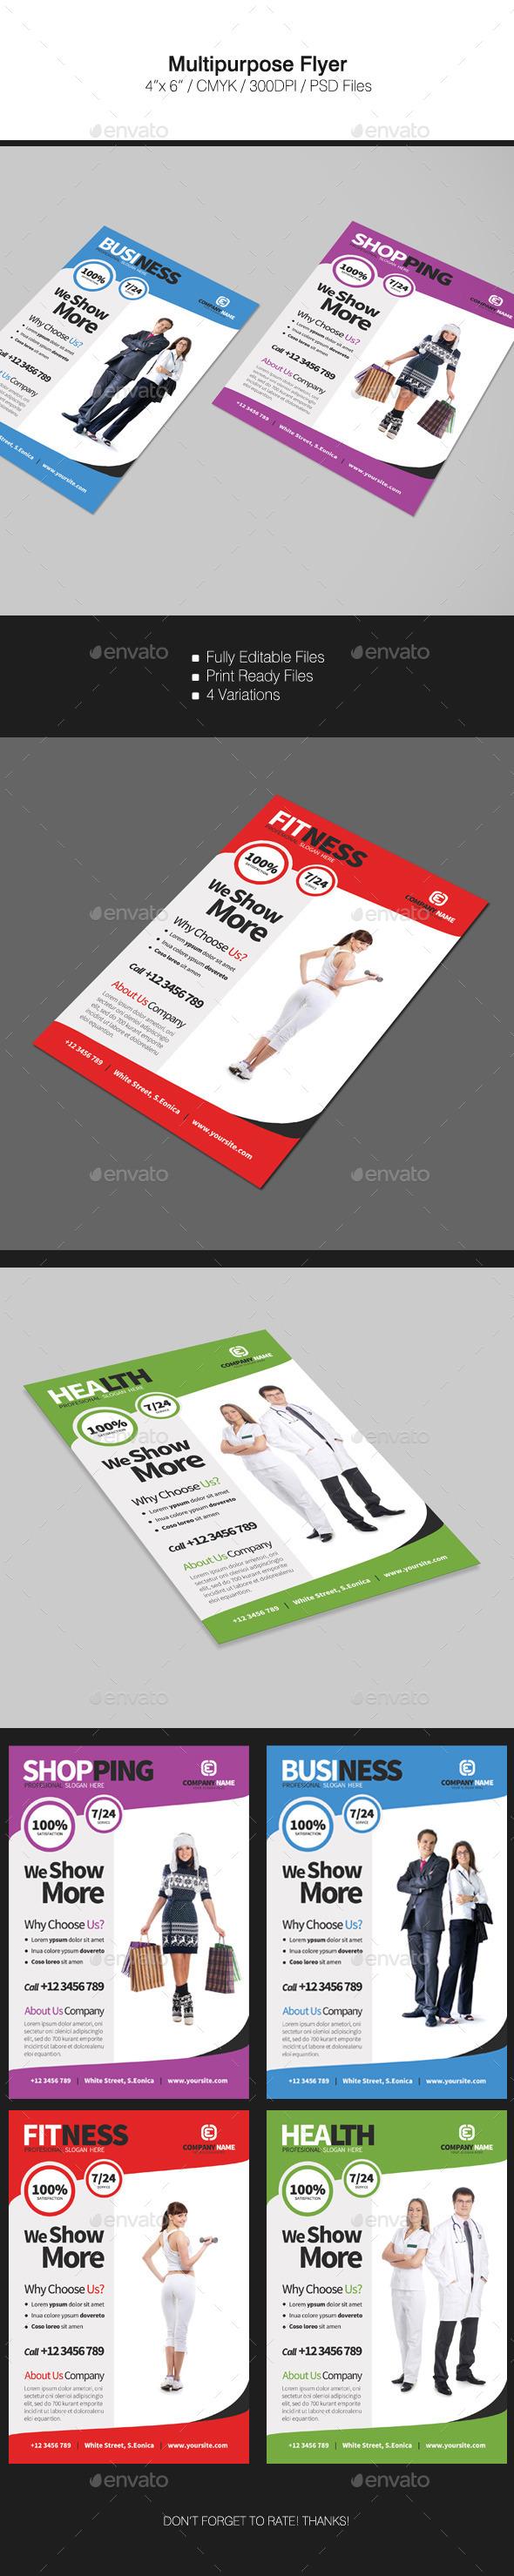 GraphicRiver Multipurpose Flyer 11940565